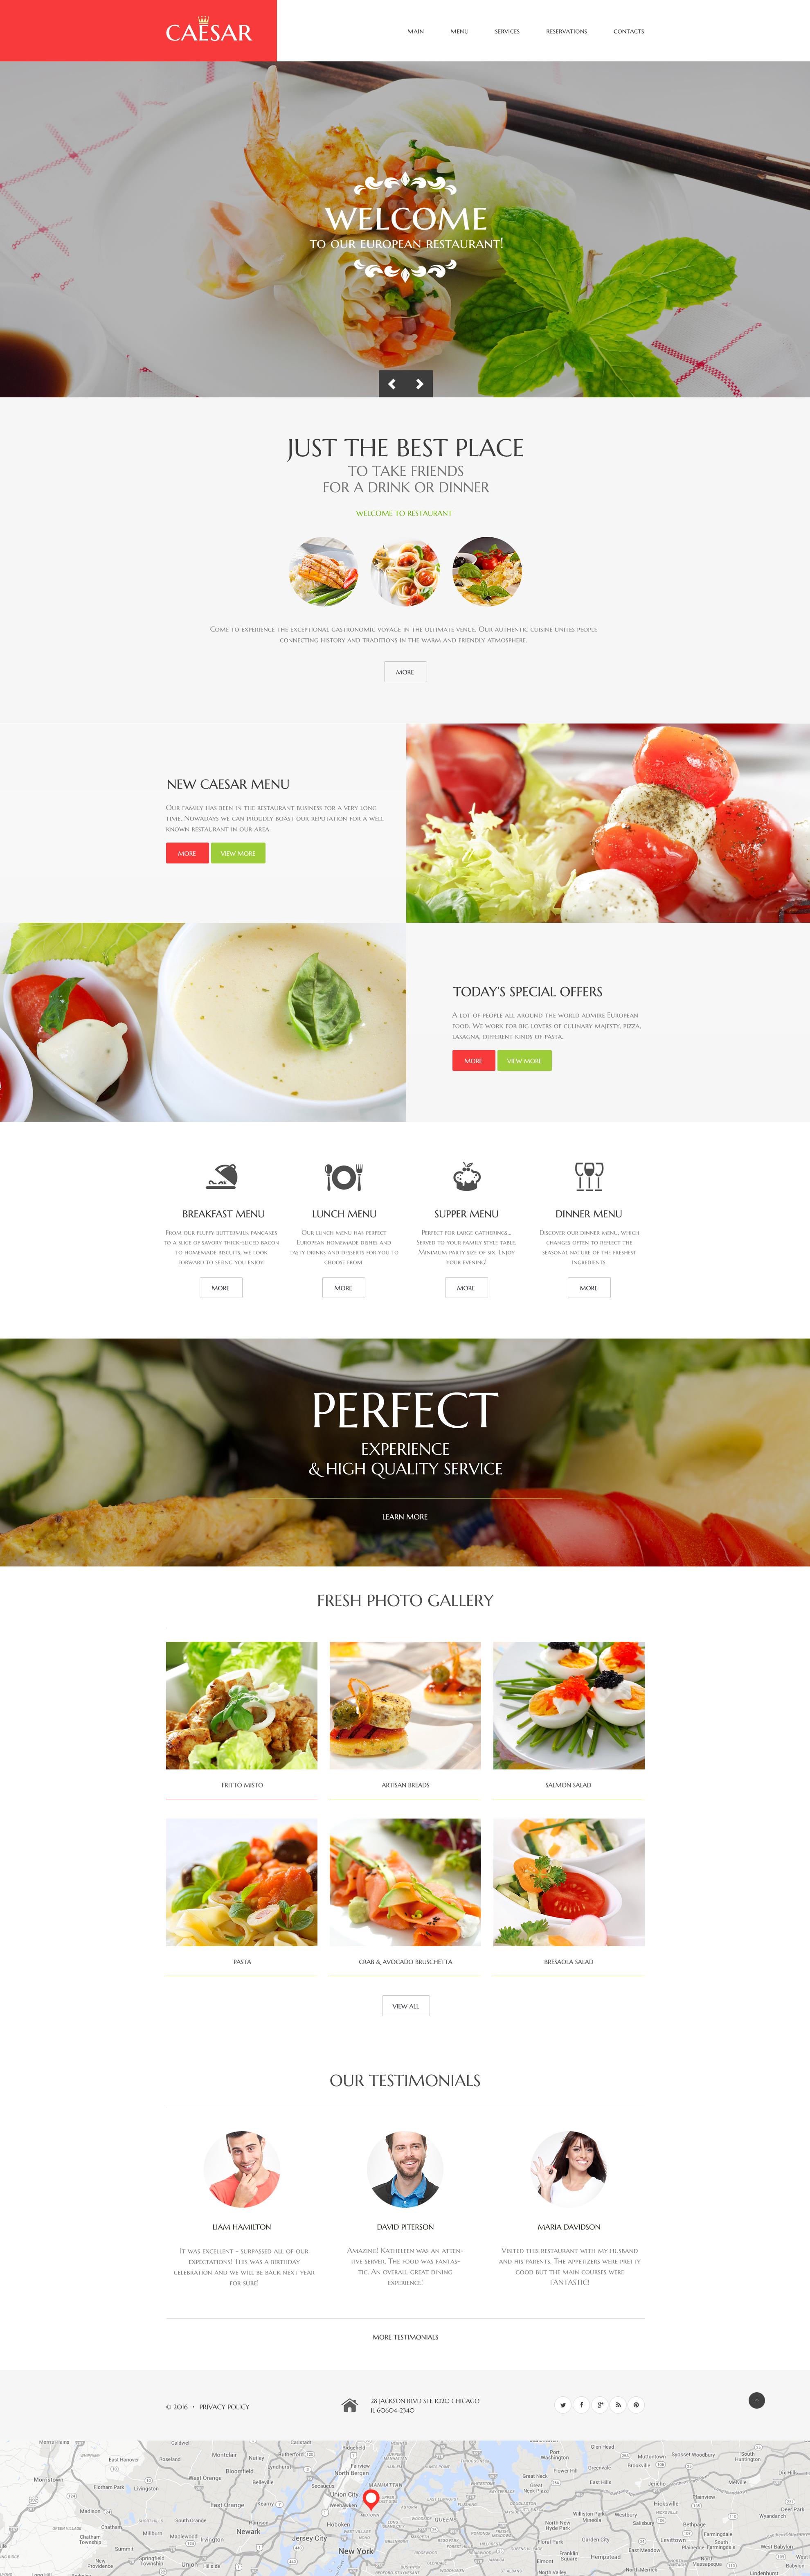 Template Web Flexível para Sites de Cafeteria e Restaurante №58582 - captura de tela